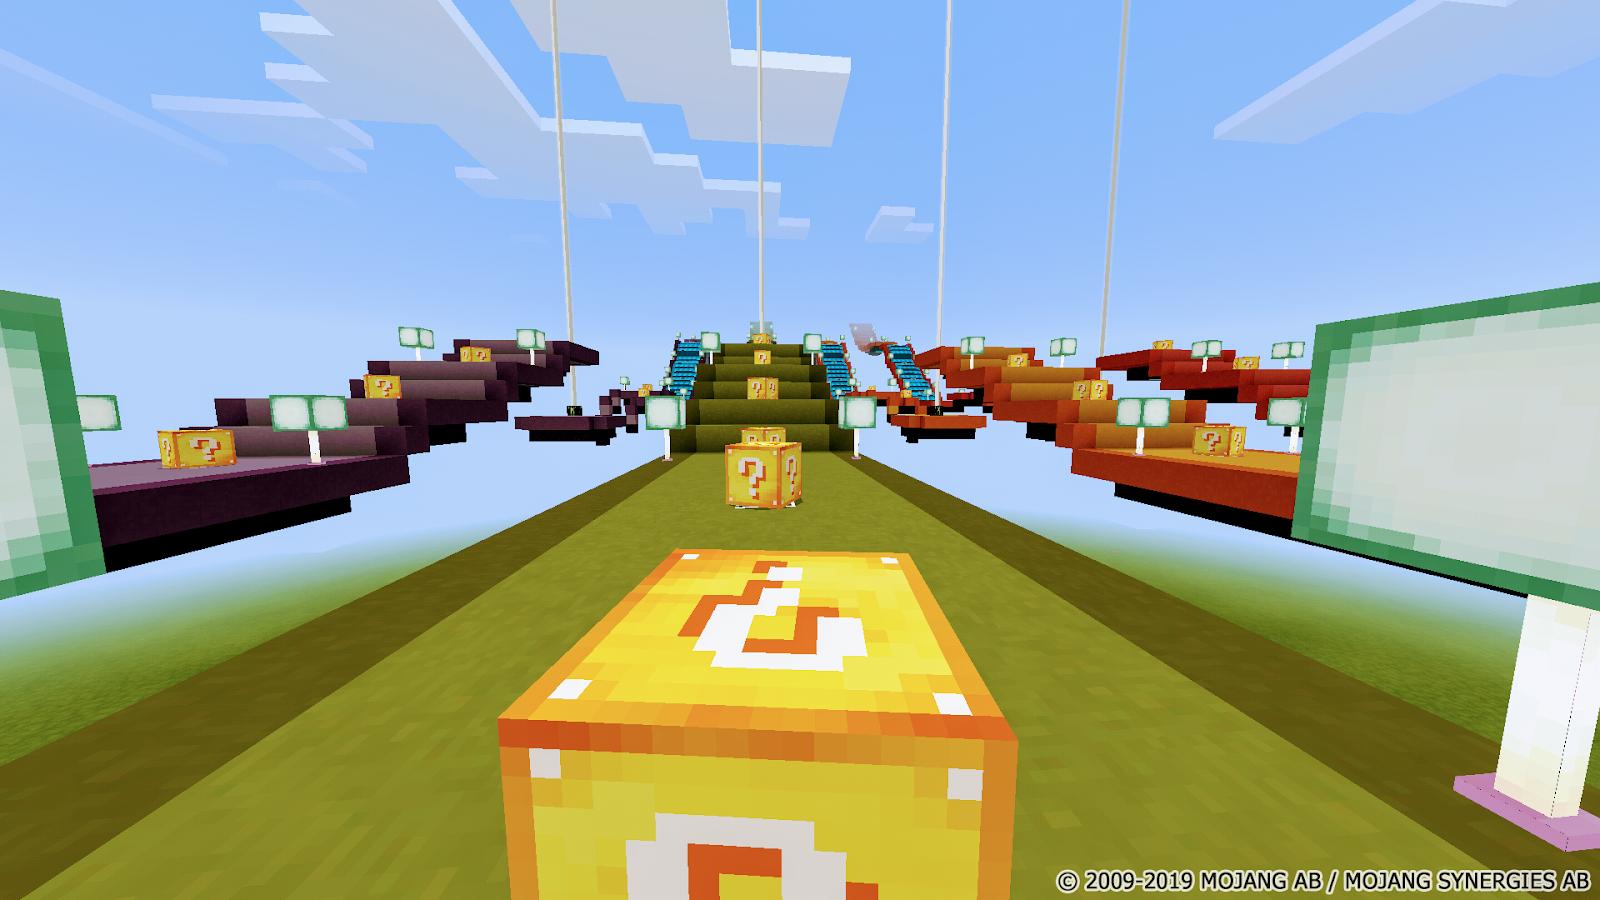 minecraft mod apk 1.1.5.1